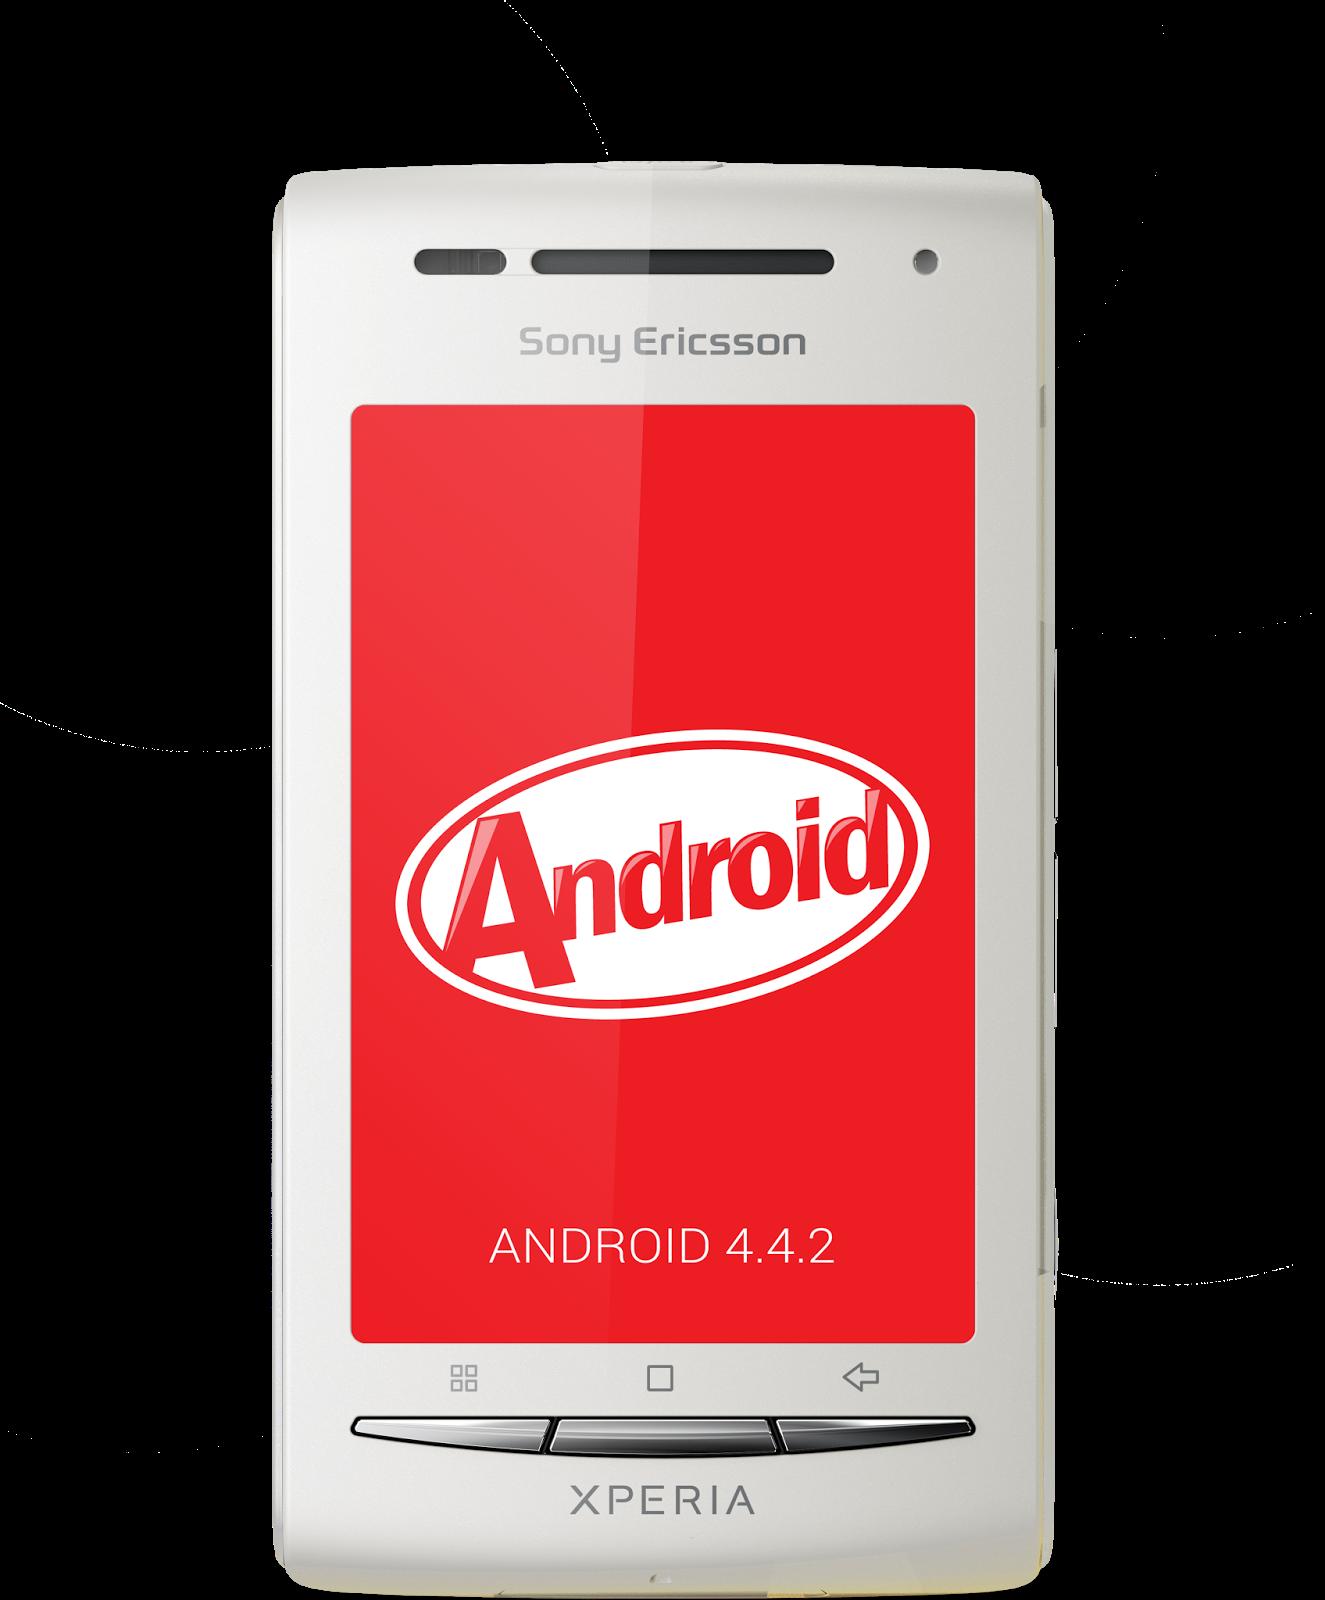 Android 4 4 Kit Kat boleh digunakan tanpa isu smooth serta lancar pada smartphone yang menggunakan ARMv7 processor dan sekurang kurangnya 512MB ram